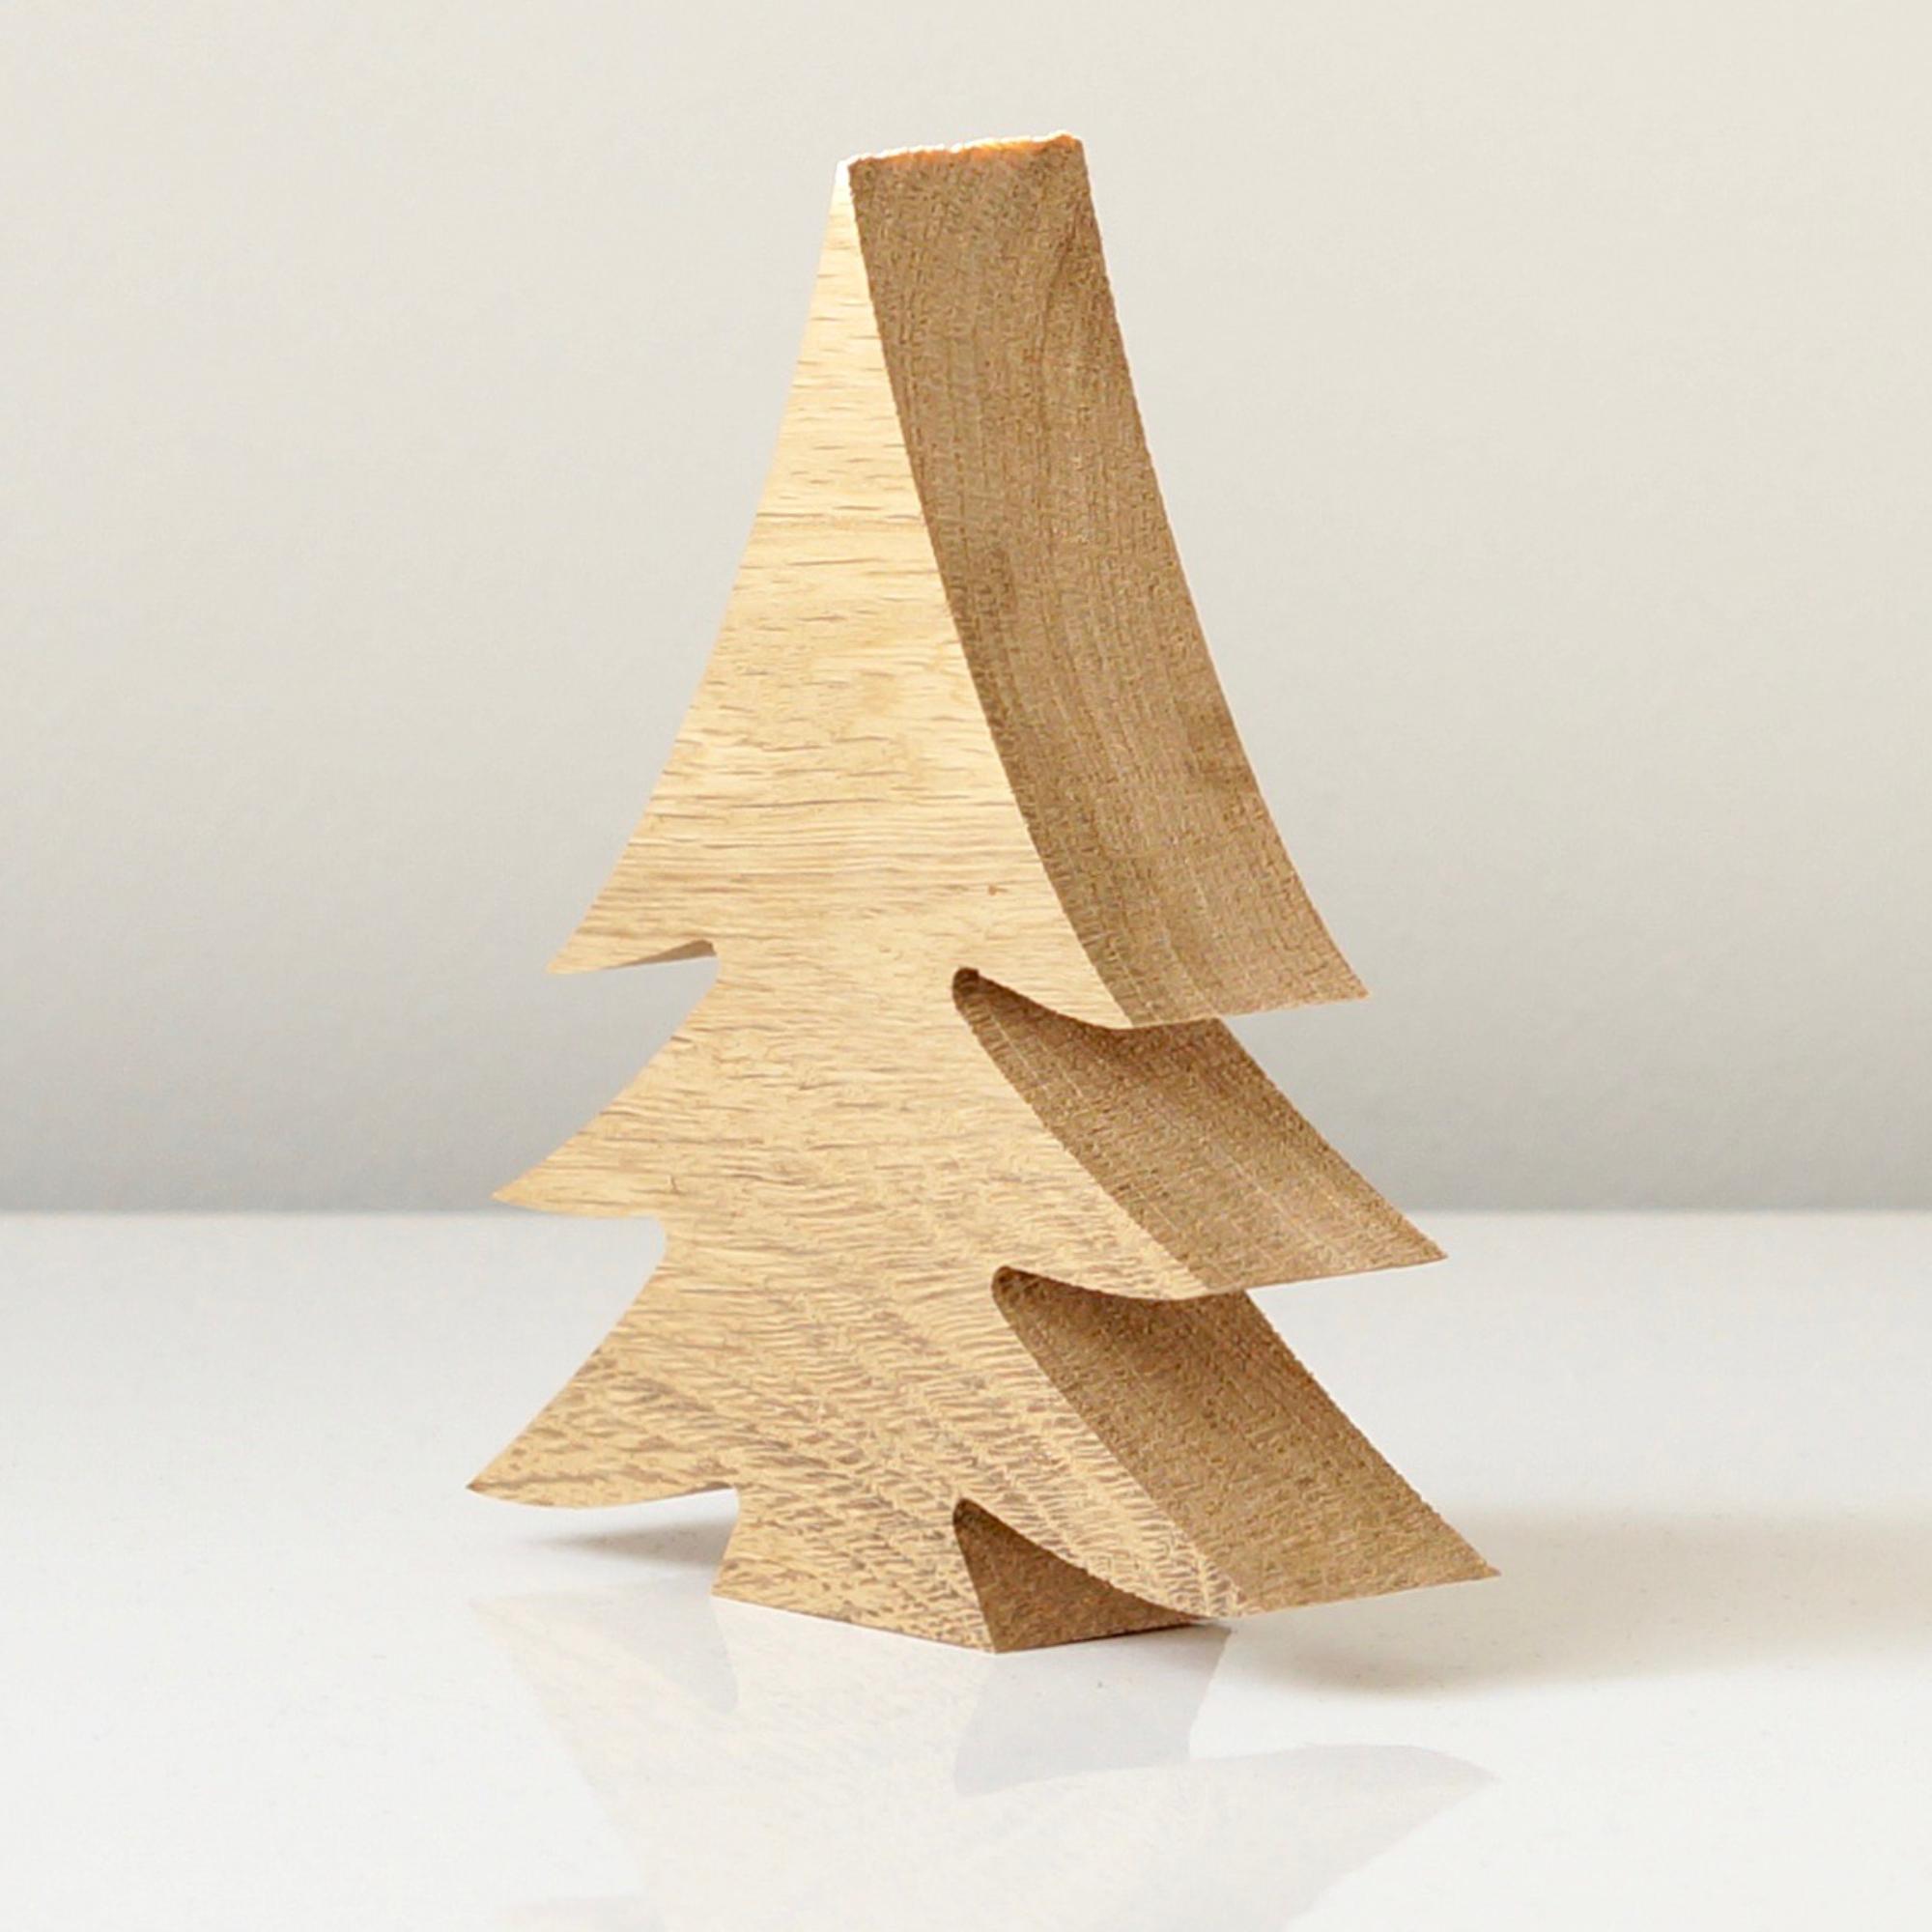 Deko Tannenbaum Holz.Tannenbaum Aus Holz Eiche Zum Aufstellen In Unterschiedlichen Größen